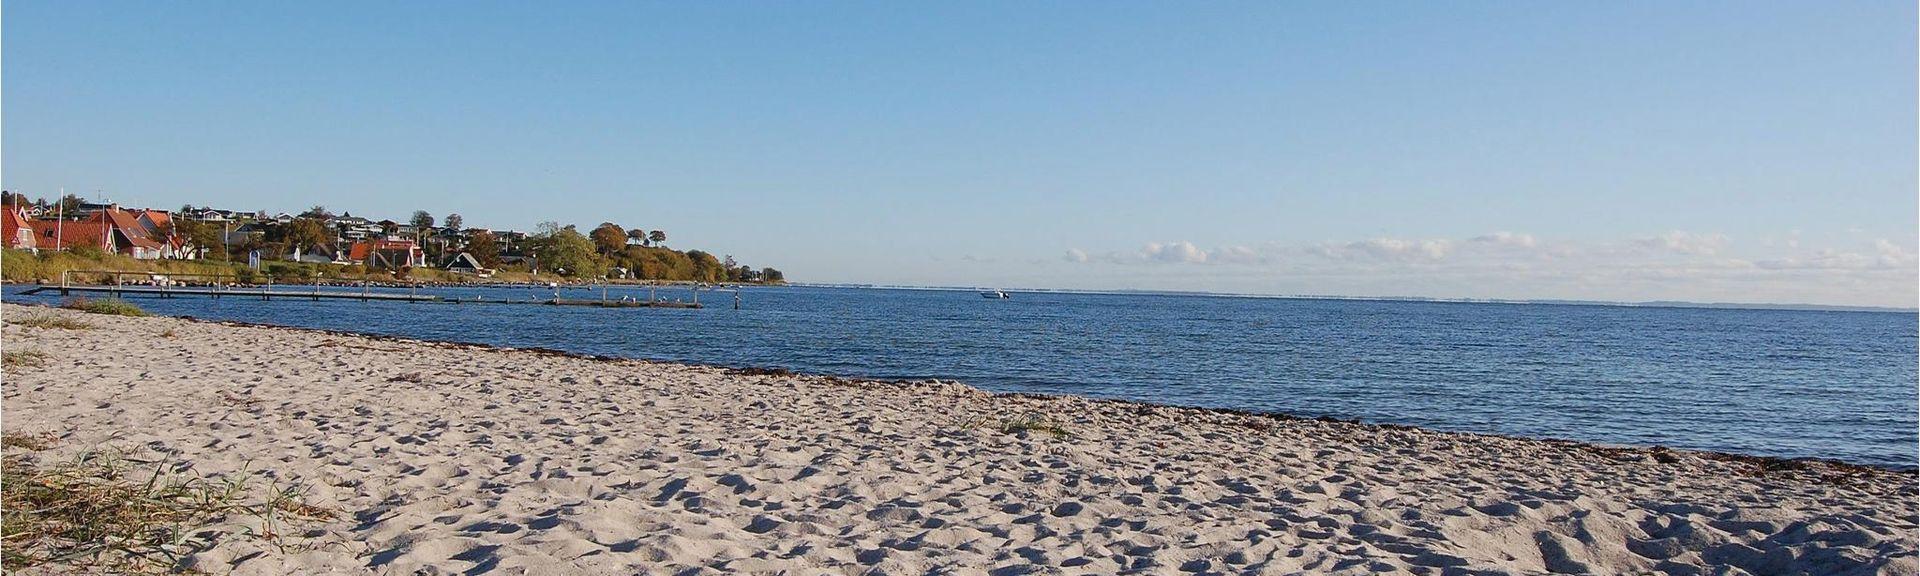 Hejlsminde Strand, Hejls, Danemark-du-Sud, Danemark